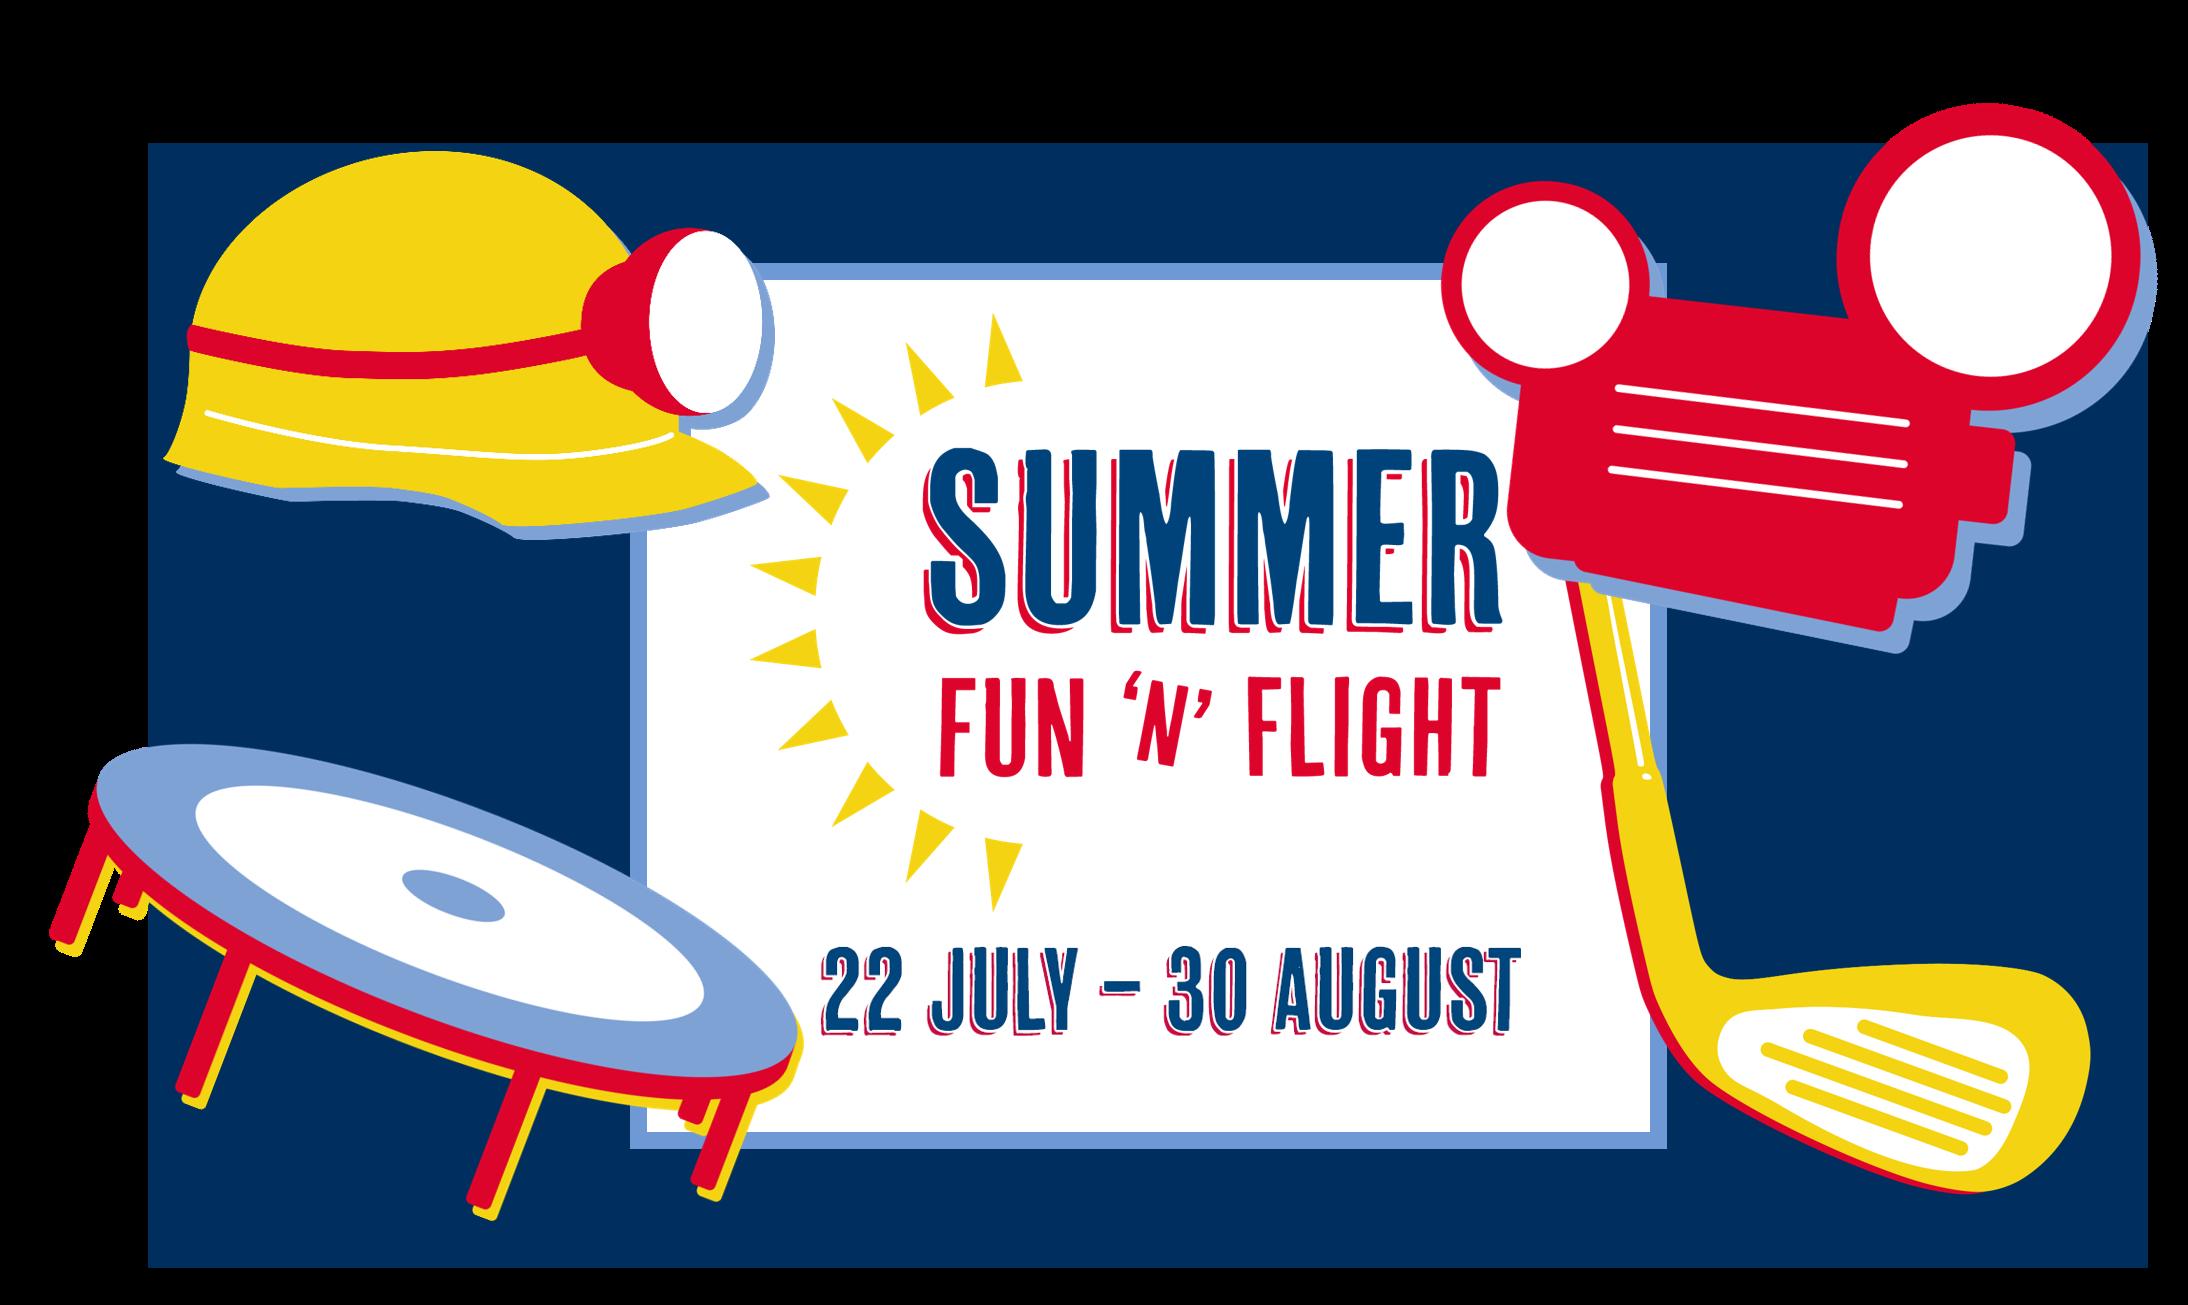 Summer Fun 'n' Flight